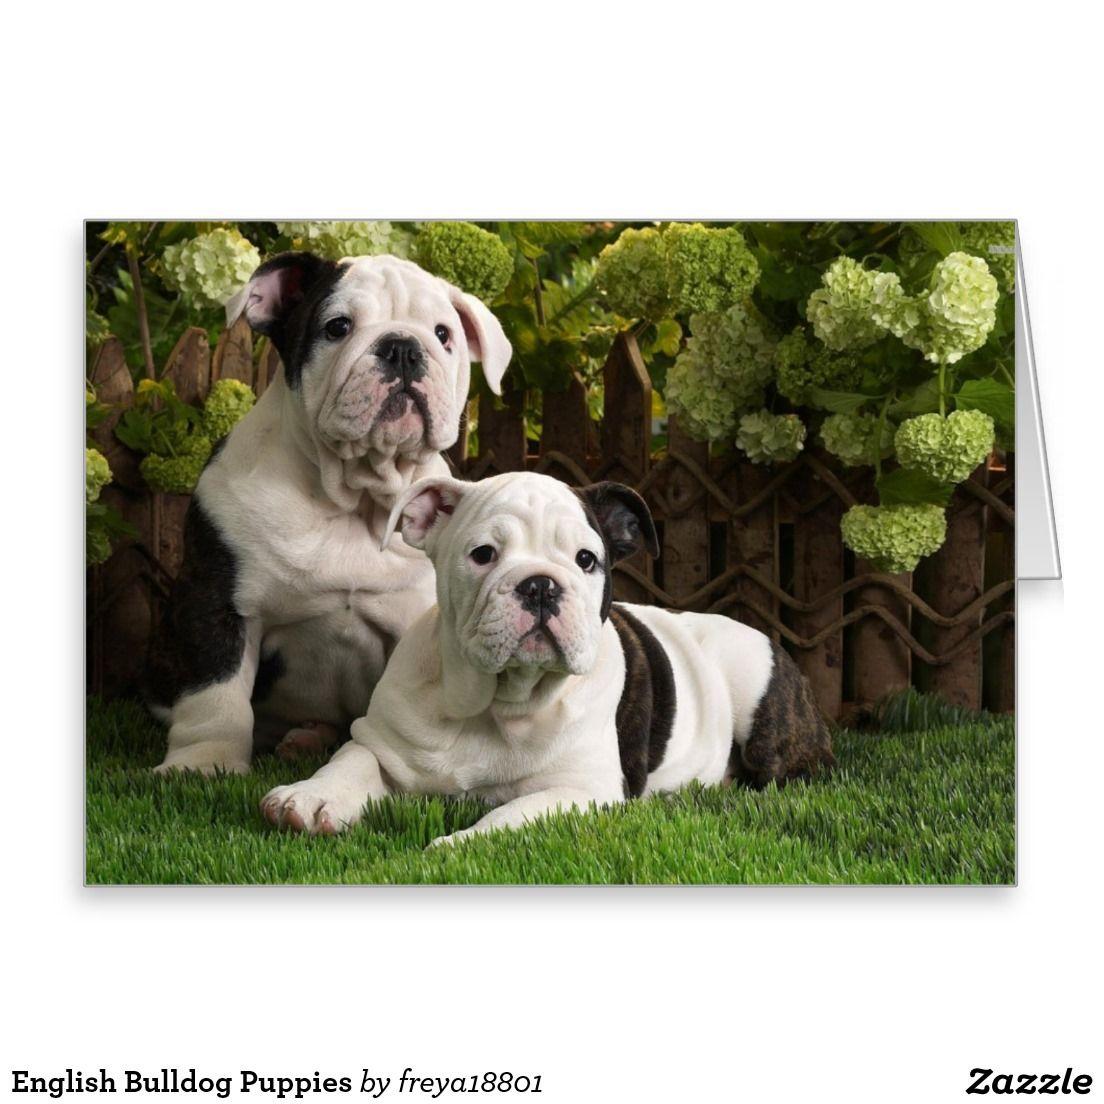 English Bulldog Puppies Zazzle Com In 2020 English Bulldog Puppies English Bulldog Dog Bulldog Puppies